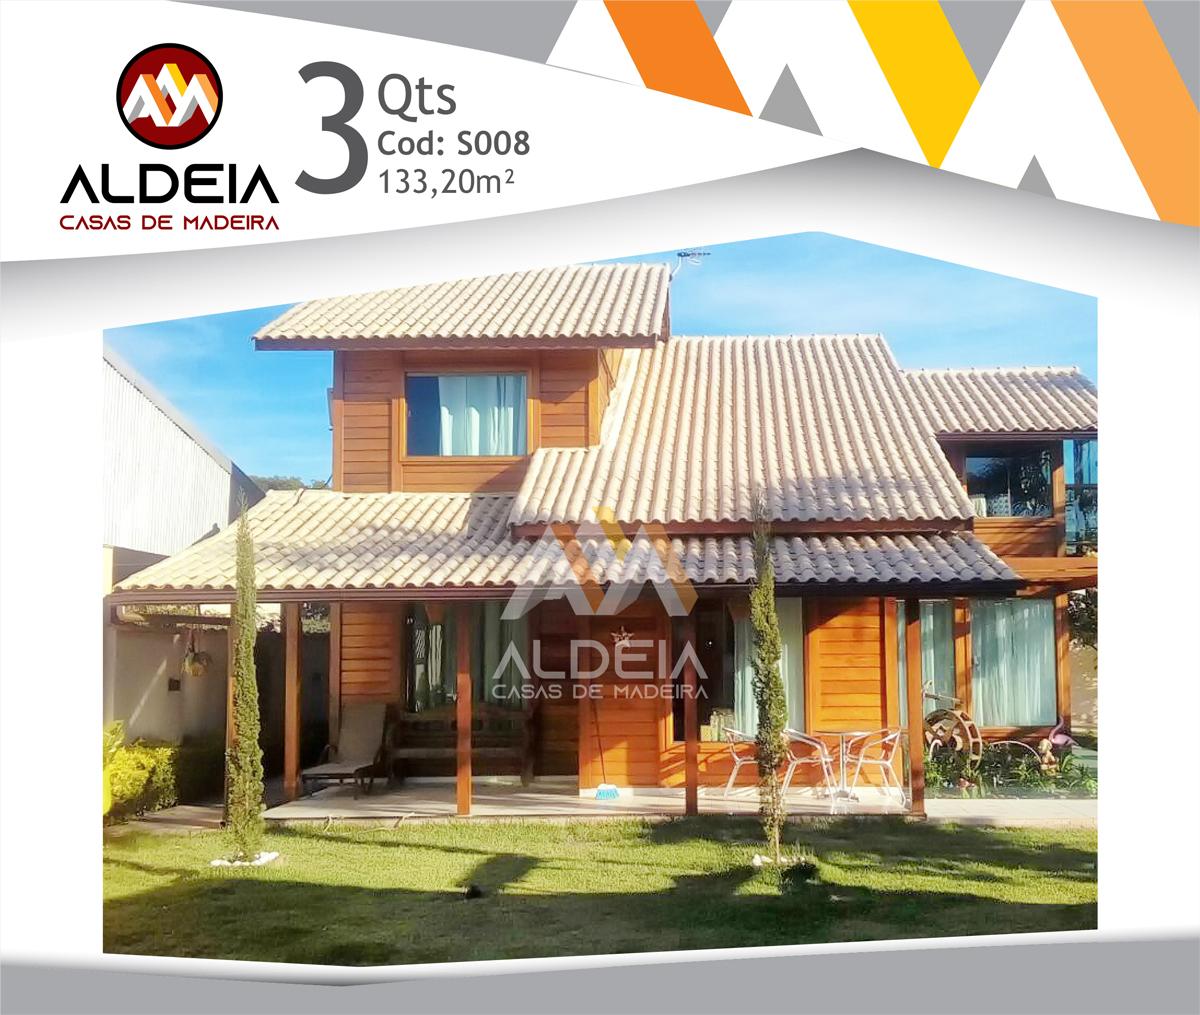 aldeia-casas-madeira-fachada-S008